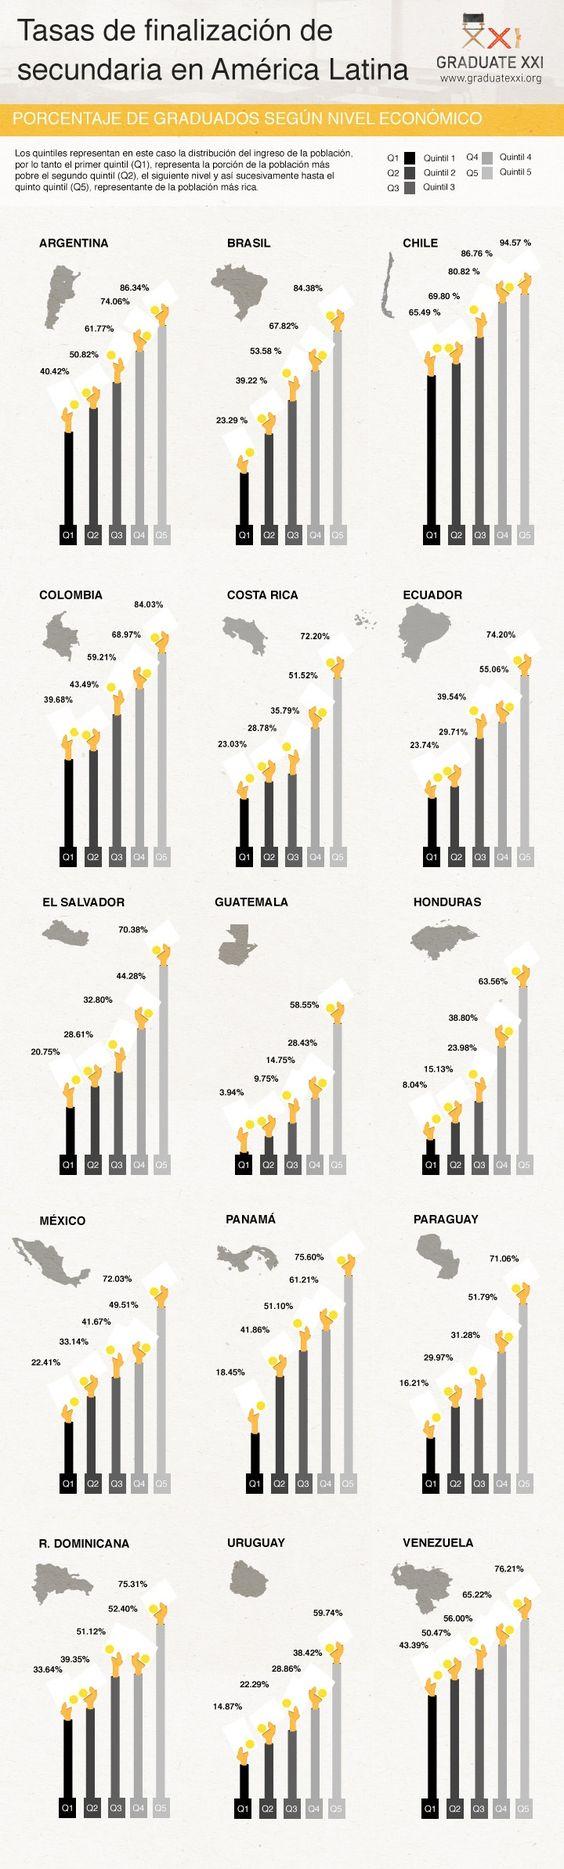 BID - Infografía - Tasas de finalización de secundaria en América Latina - Banco…